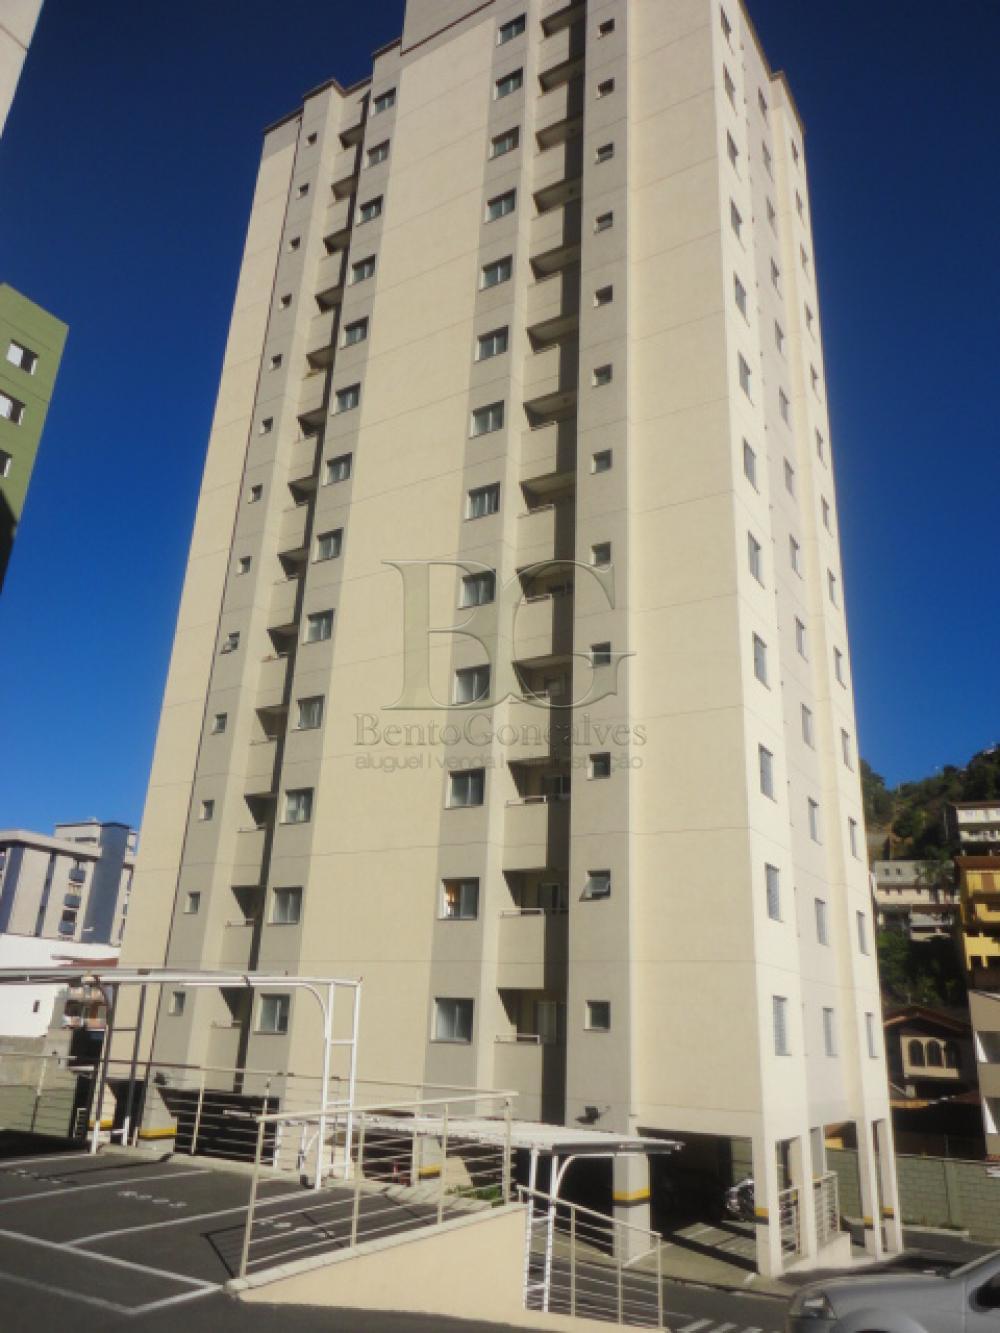 Comprar Apartamentos / Padrão em Poços de Caldas apenas R$ 275.000,00 - Foto 1